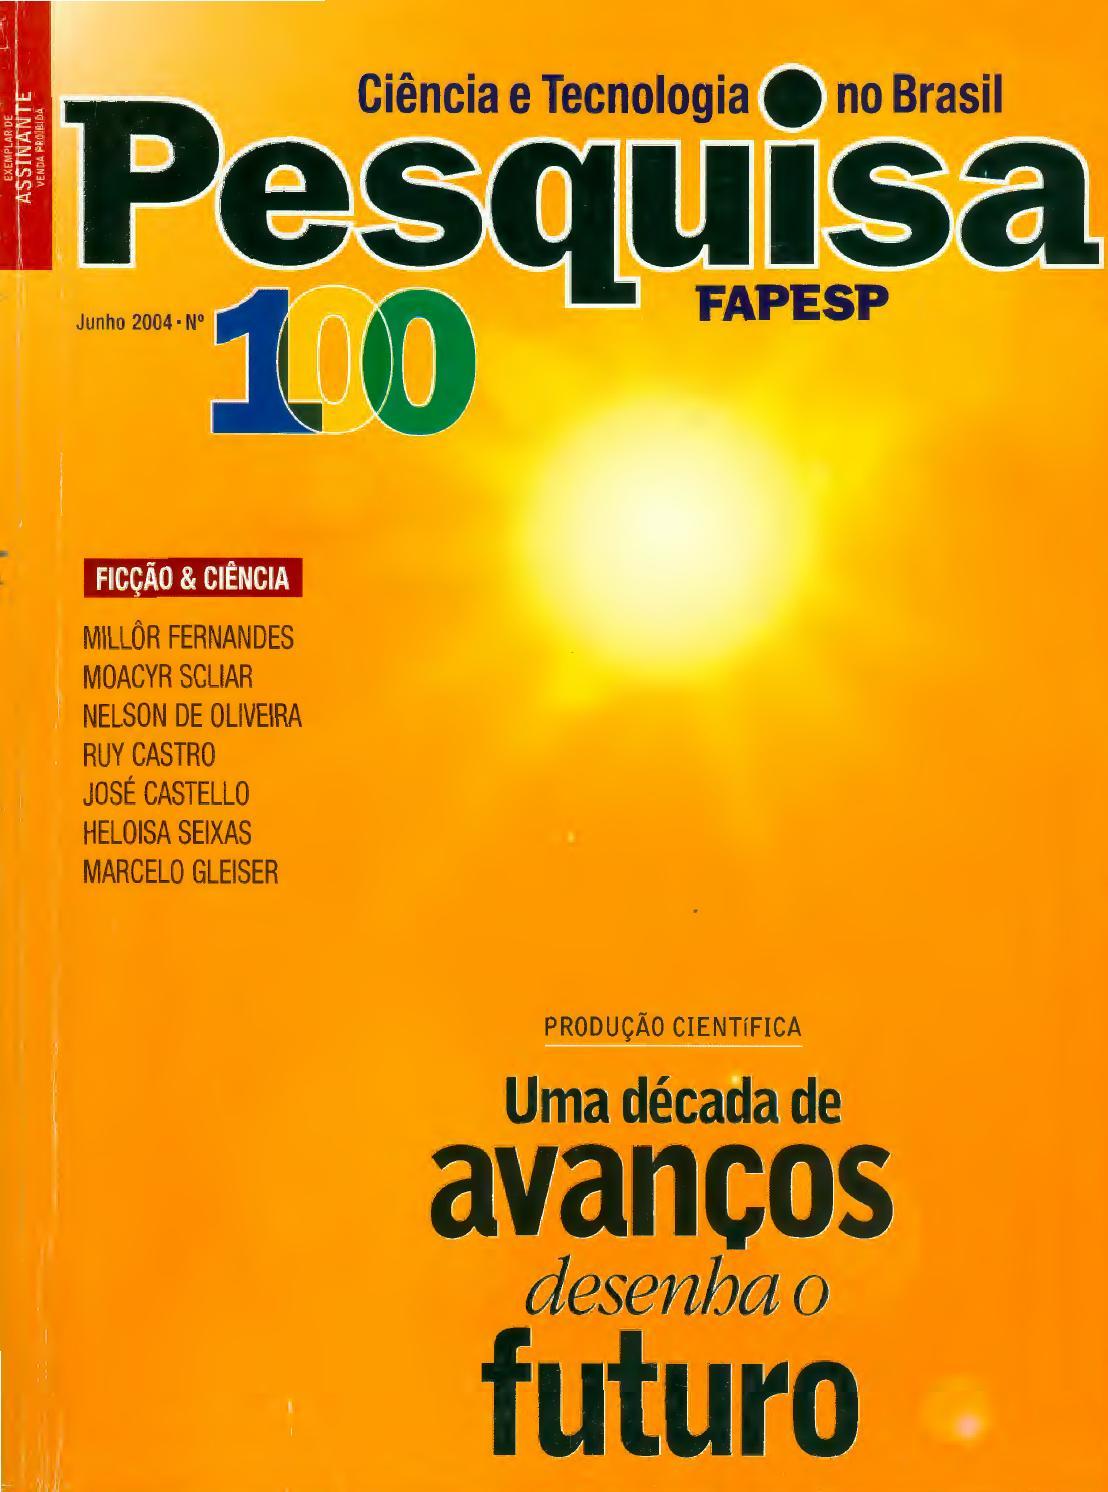 Uma década de avanços desenha o futuro by Pesquisa Fapesp - issuu e084141e9b391